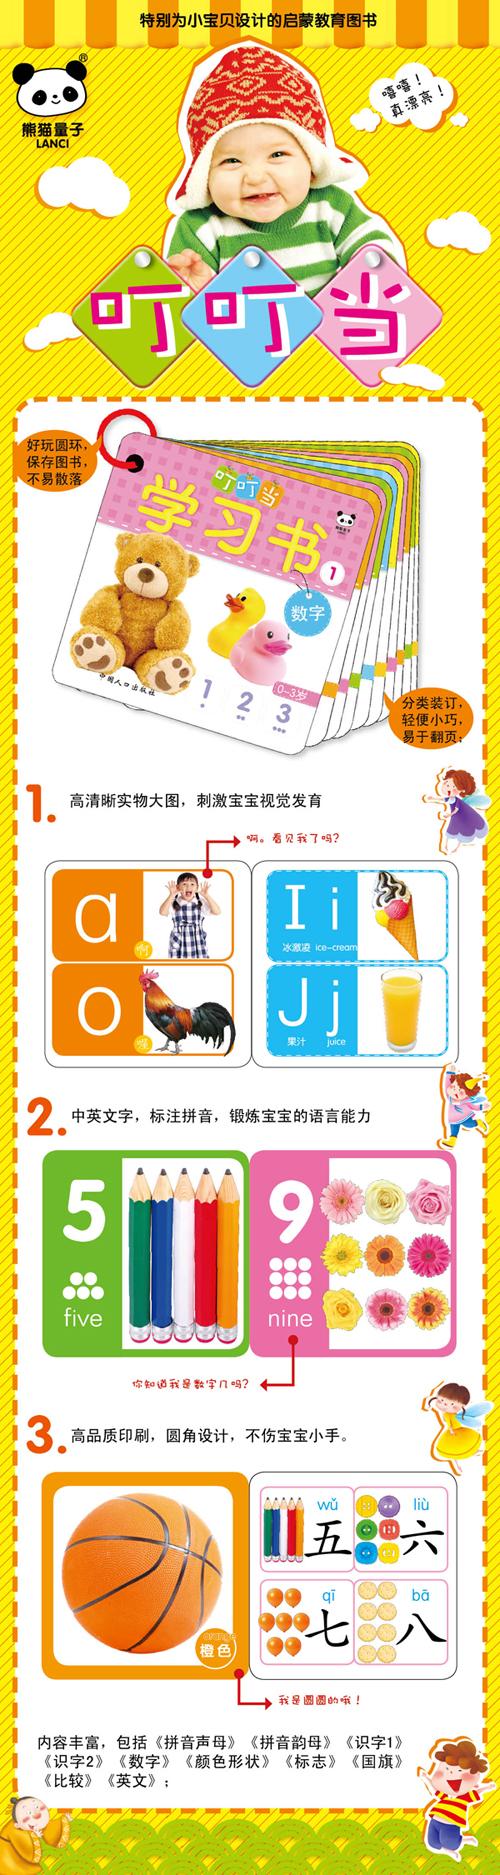 语言文字海报手绘图